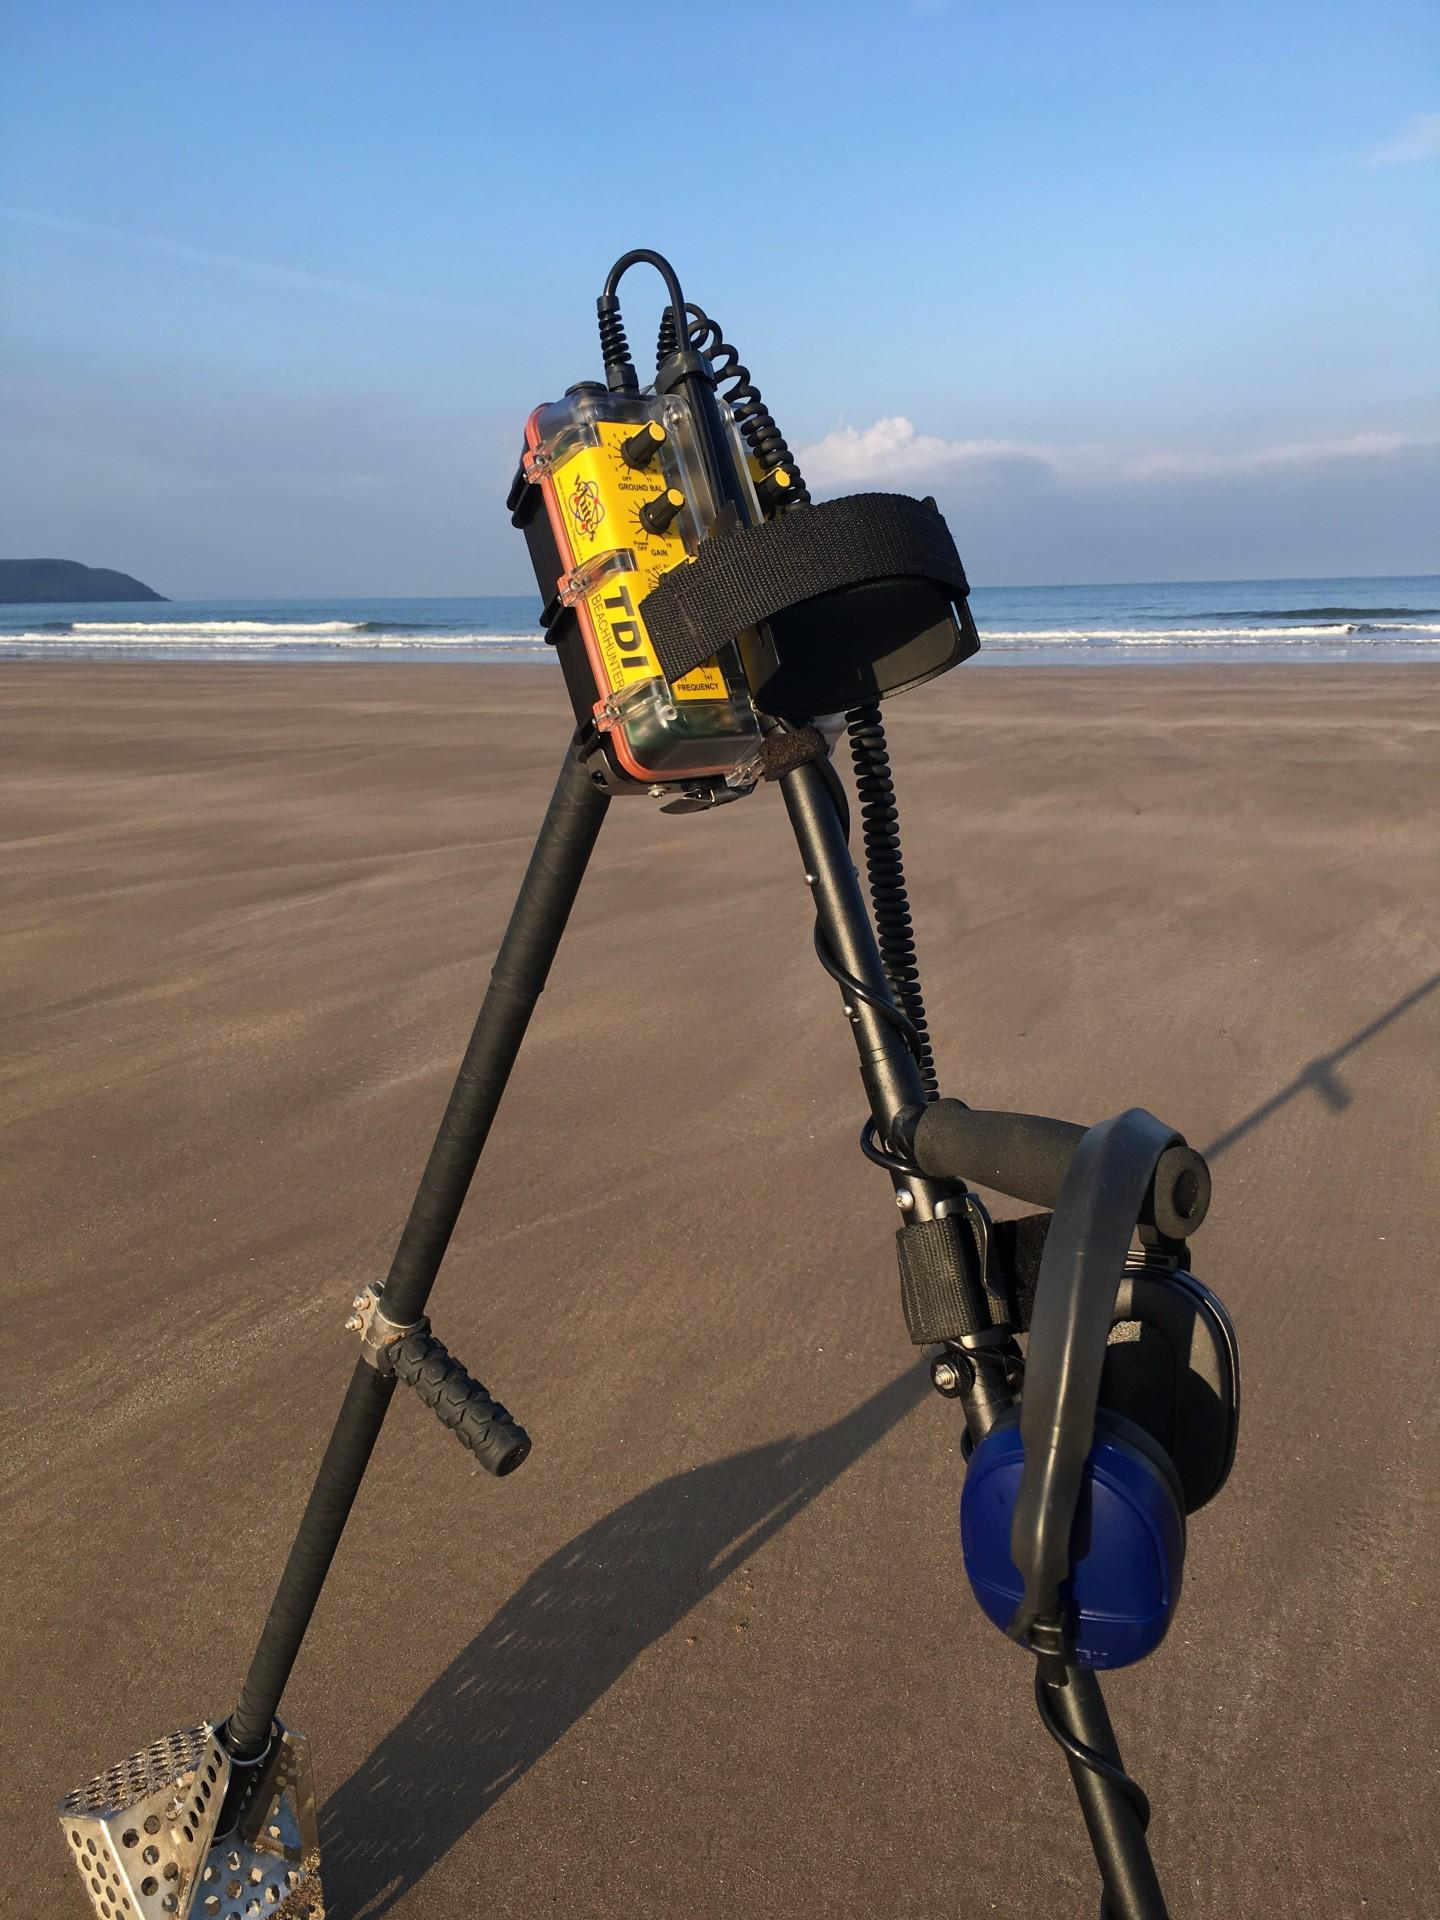 Beachhunters Password new whites tdi beach hunter - page 8 - white's metal